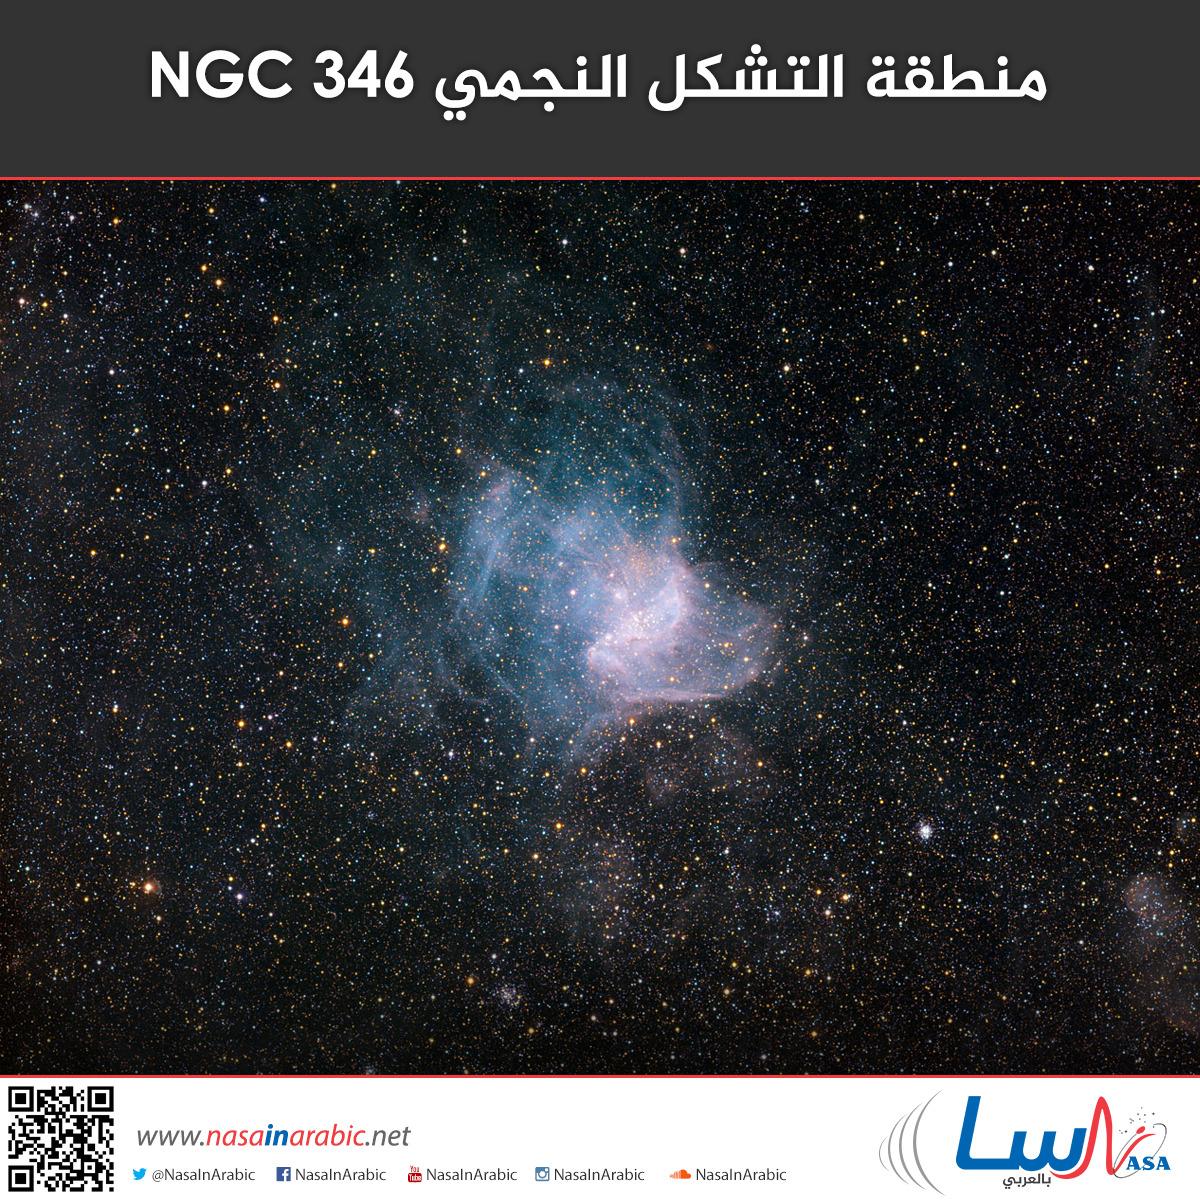 منطقة التشكل النجمي NGC 346